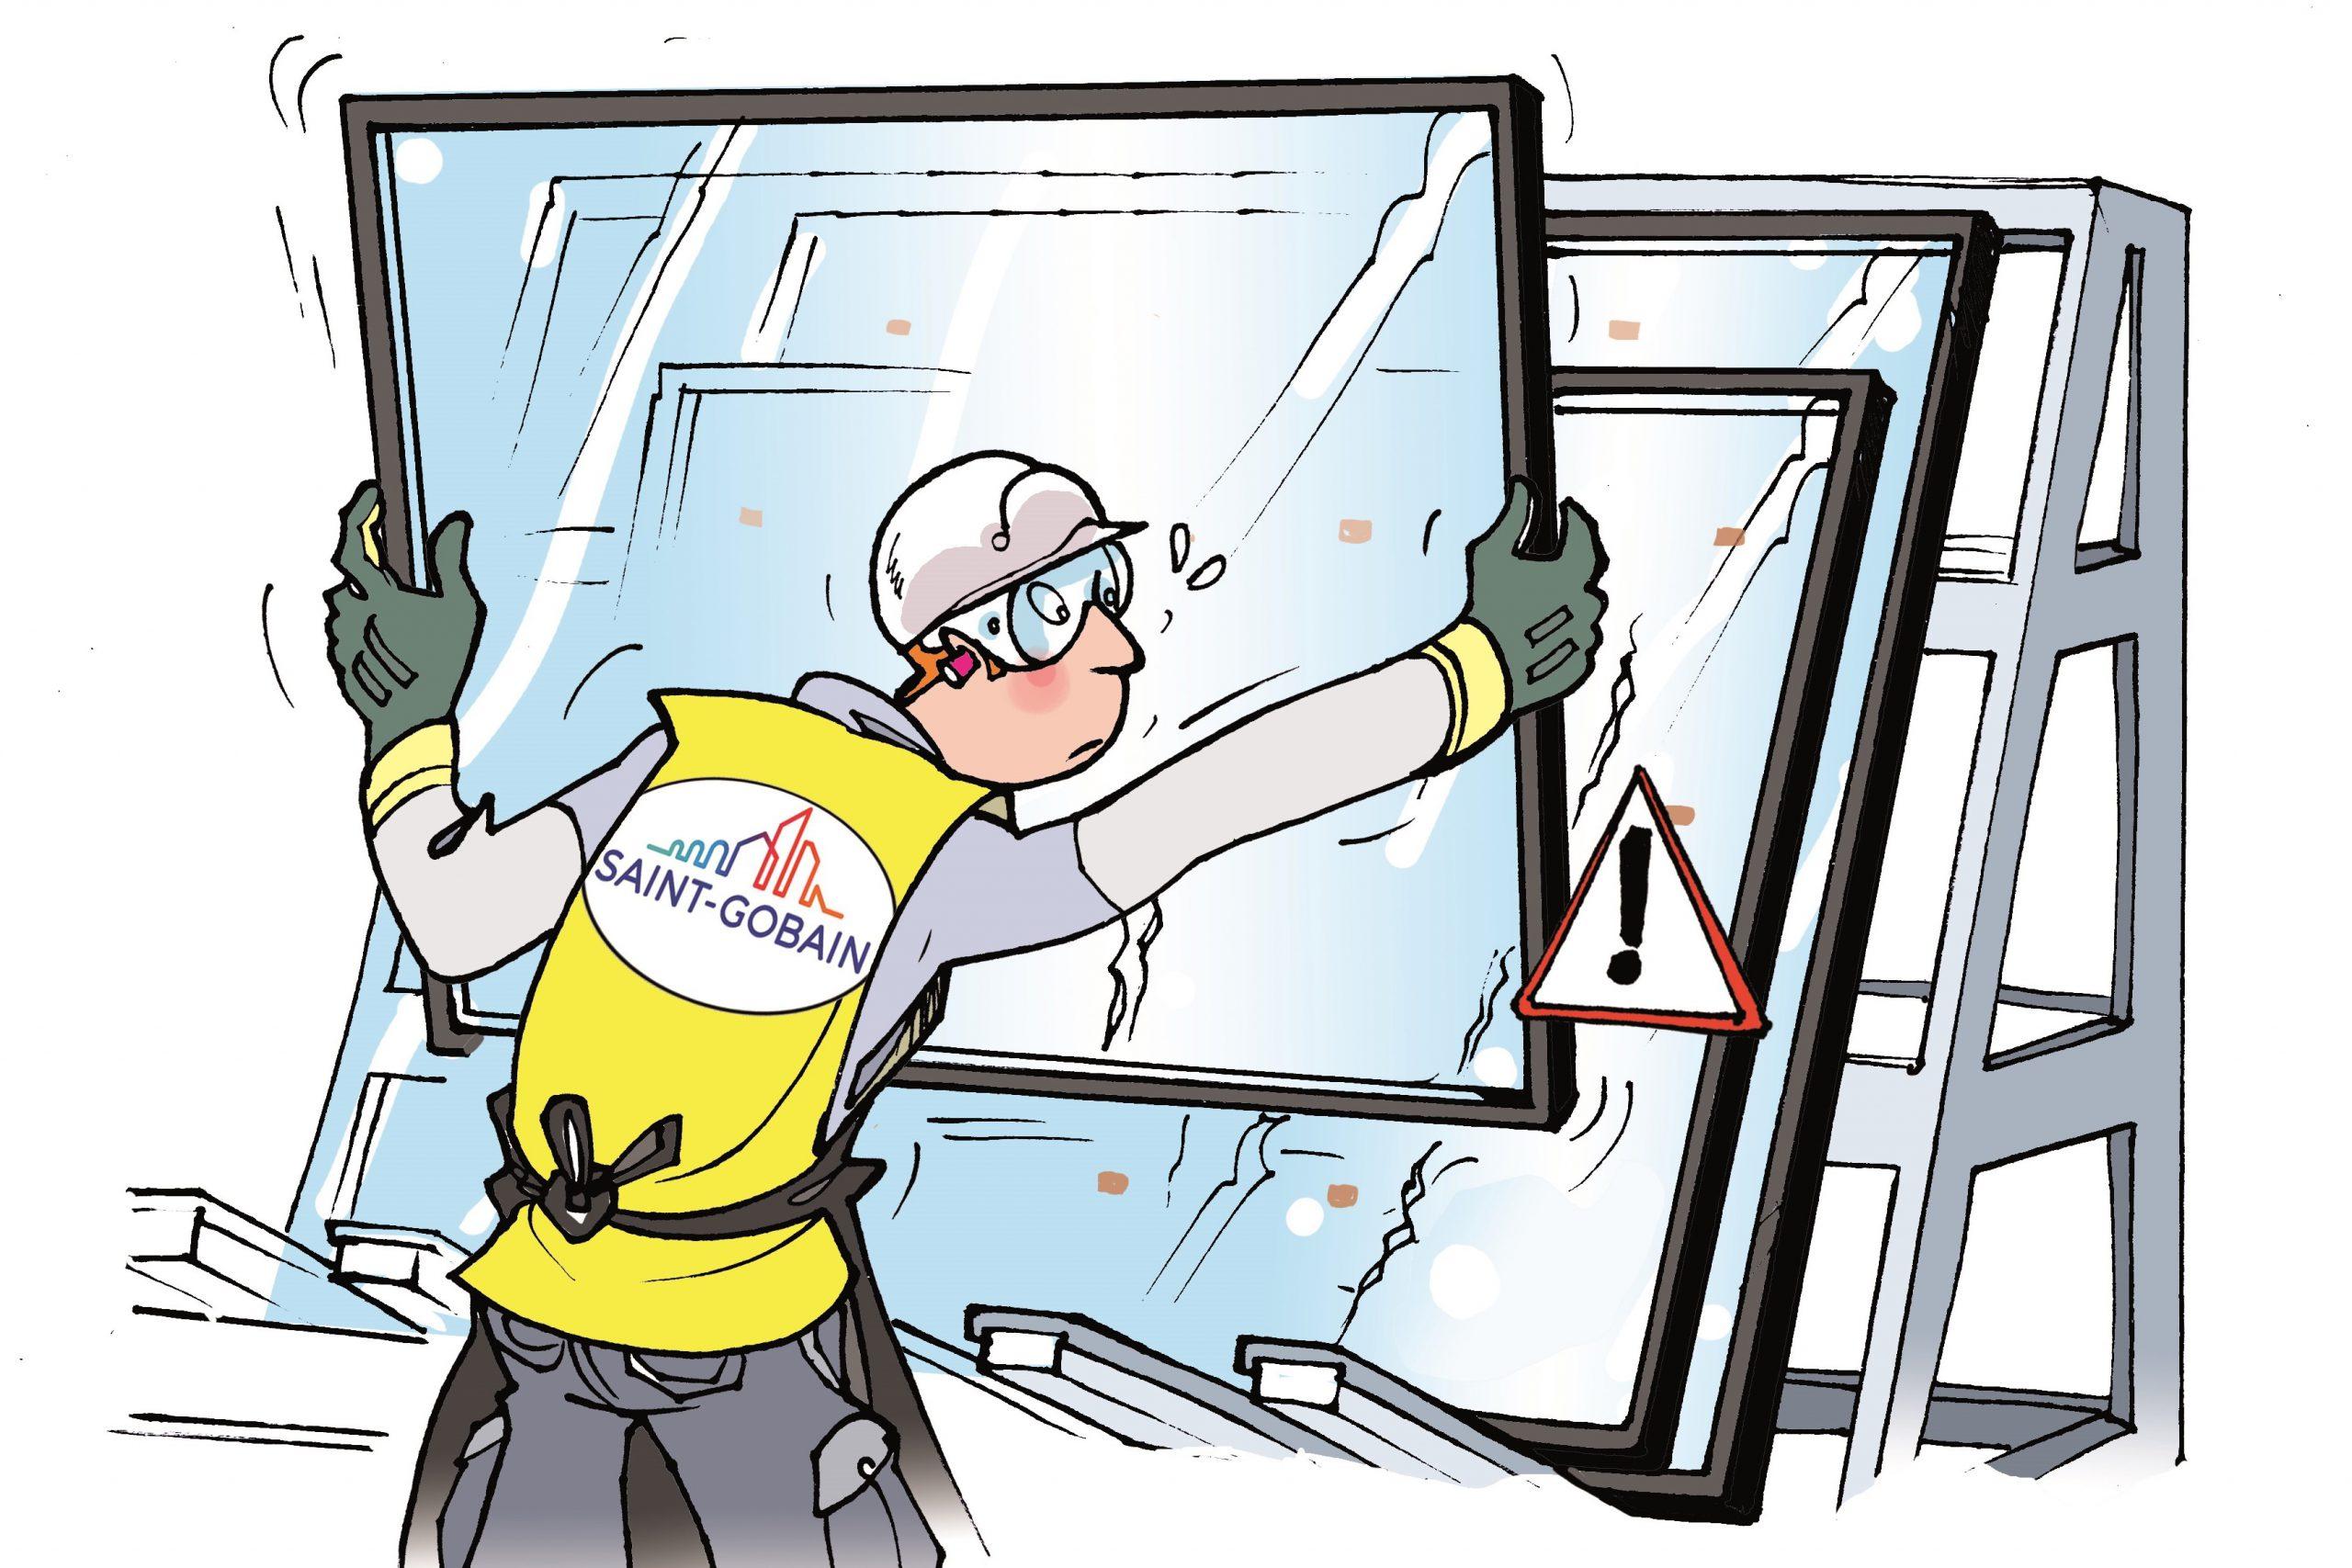 Gezeichnete Darstellung: Abstellen des Isolierglases auf den Bock